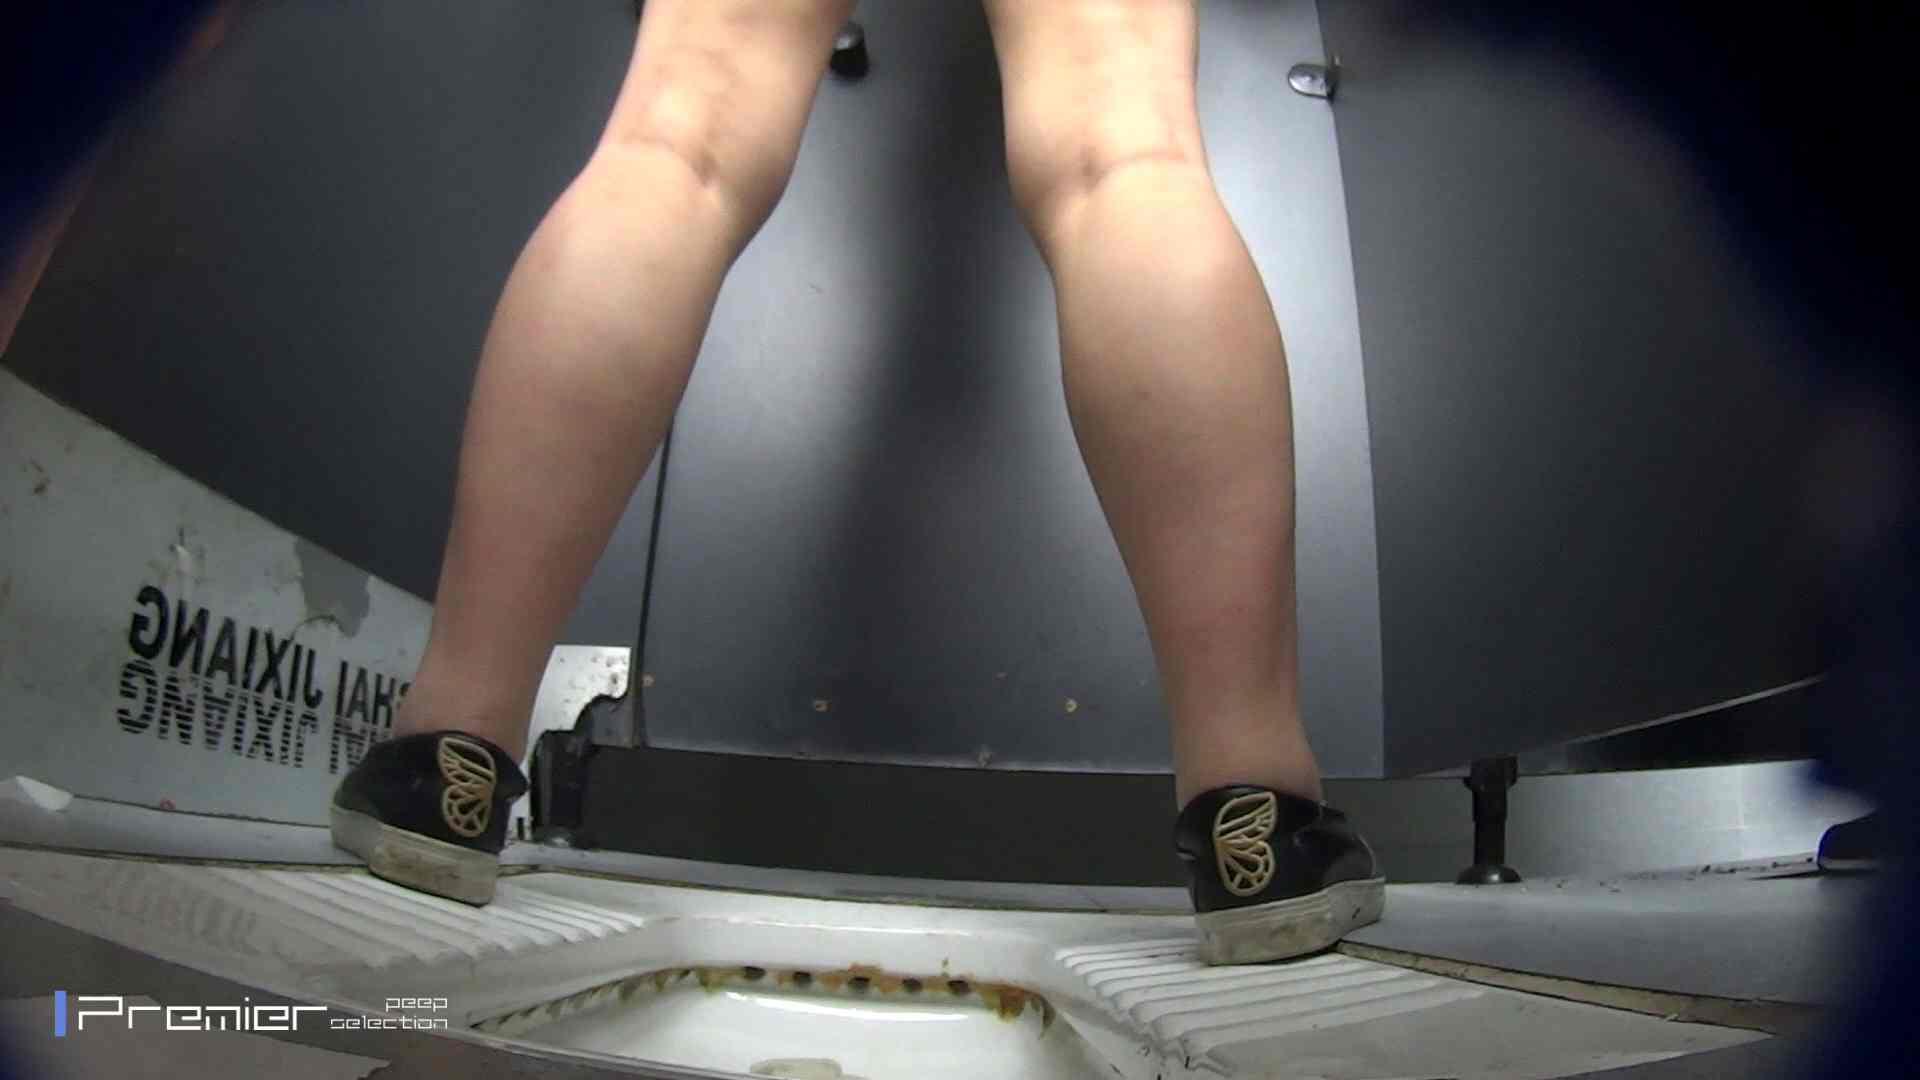 びゅーっと!オシッコ放出 大学休憩時間の洗面所事情47 高画質 濡れ場動画紹介 84枚 19